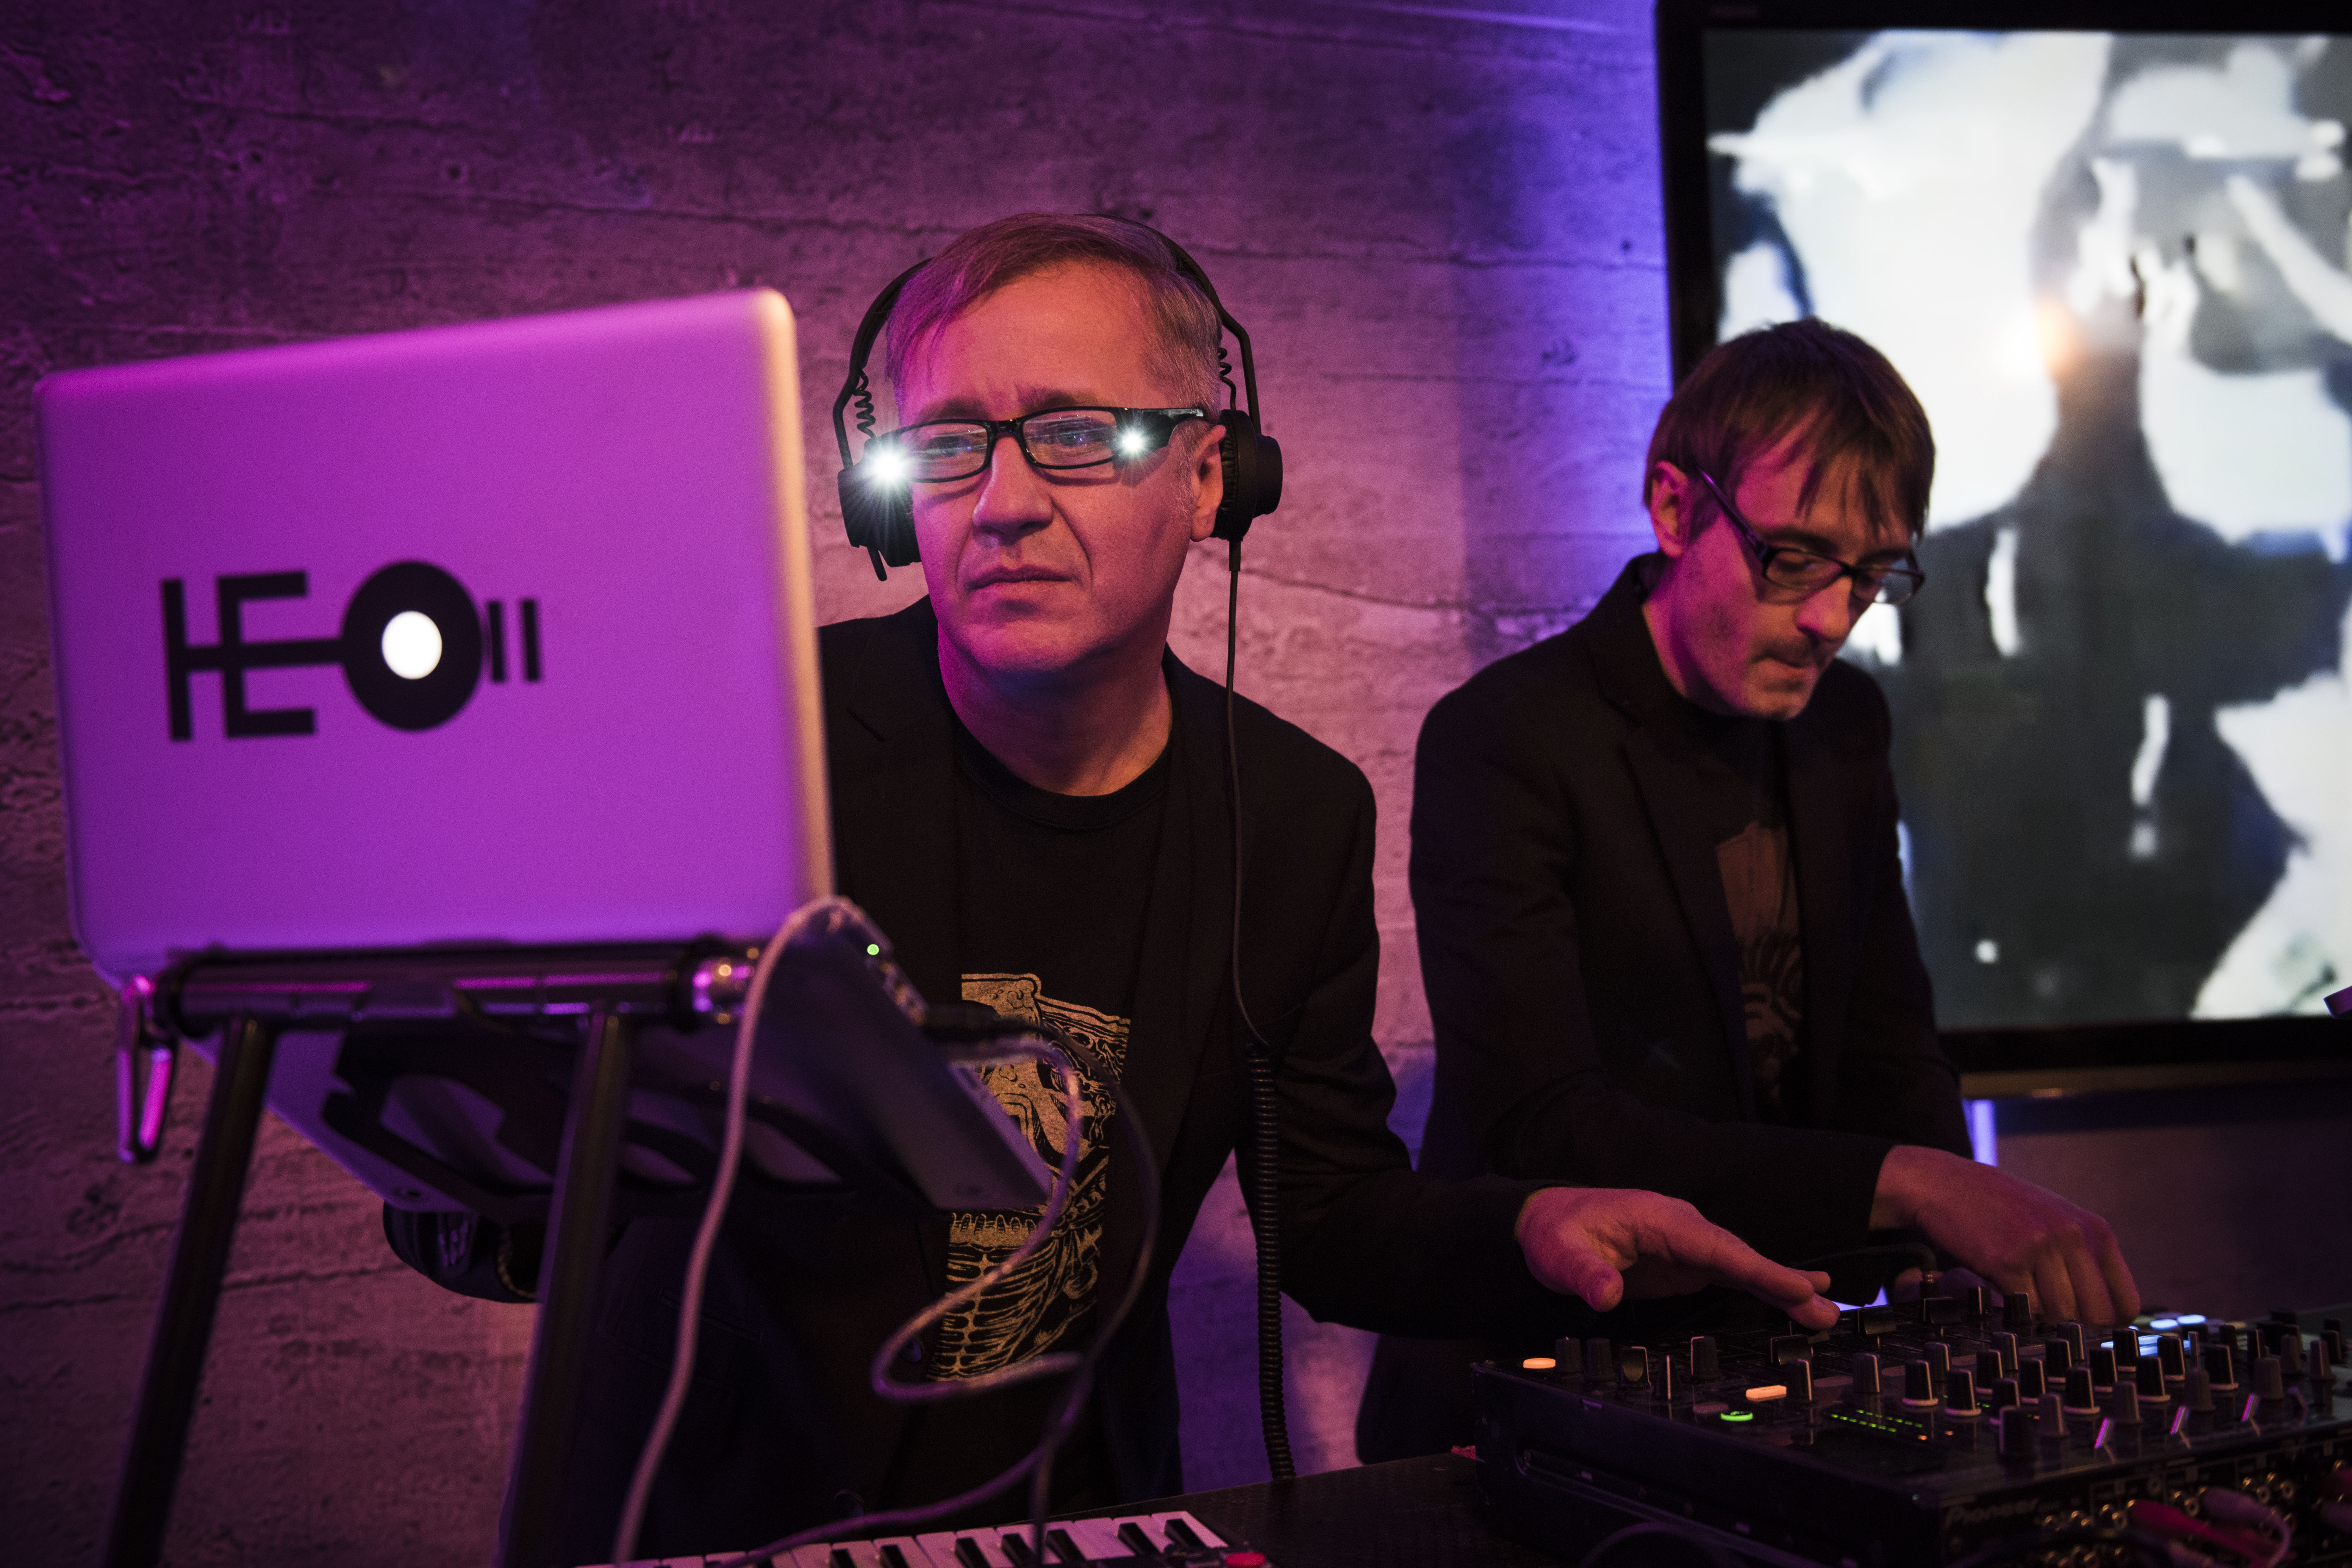 Max Casacci e Ninja all'IQOS Embassy di Torino, durante la presentazione in anteprima del loro nuovo lavoro. Foto Diana Bagnoli